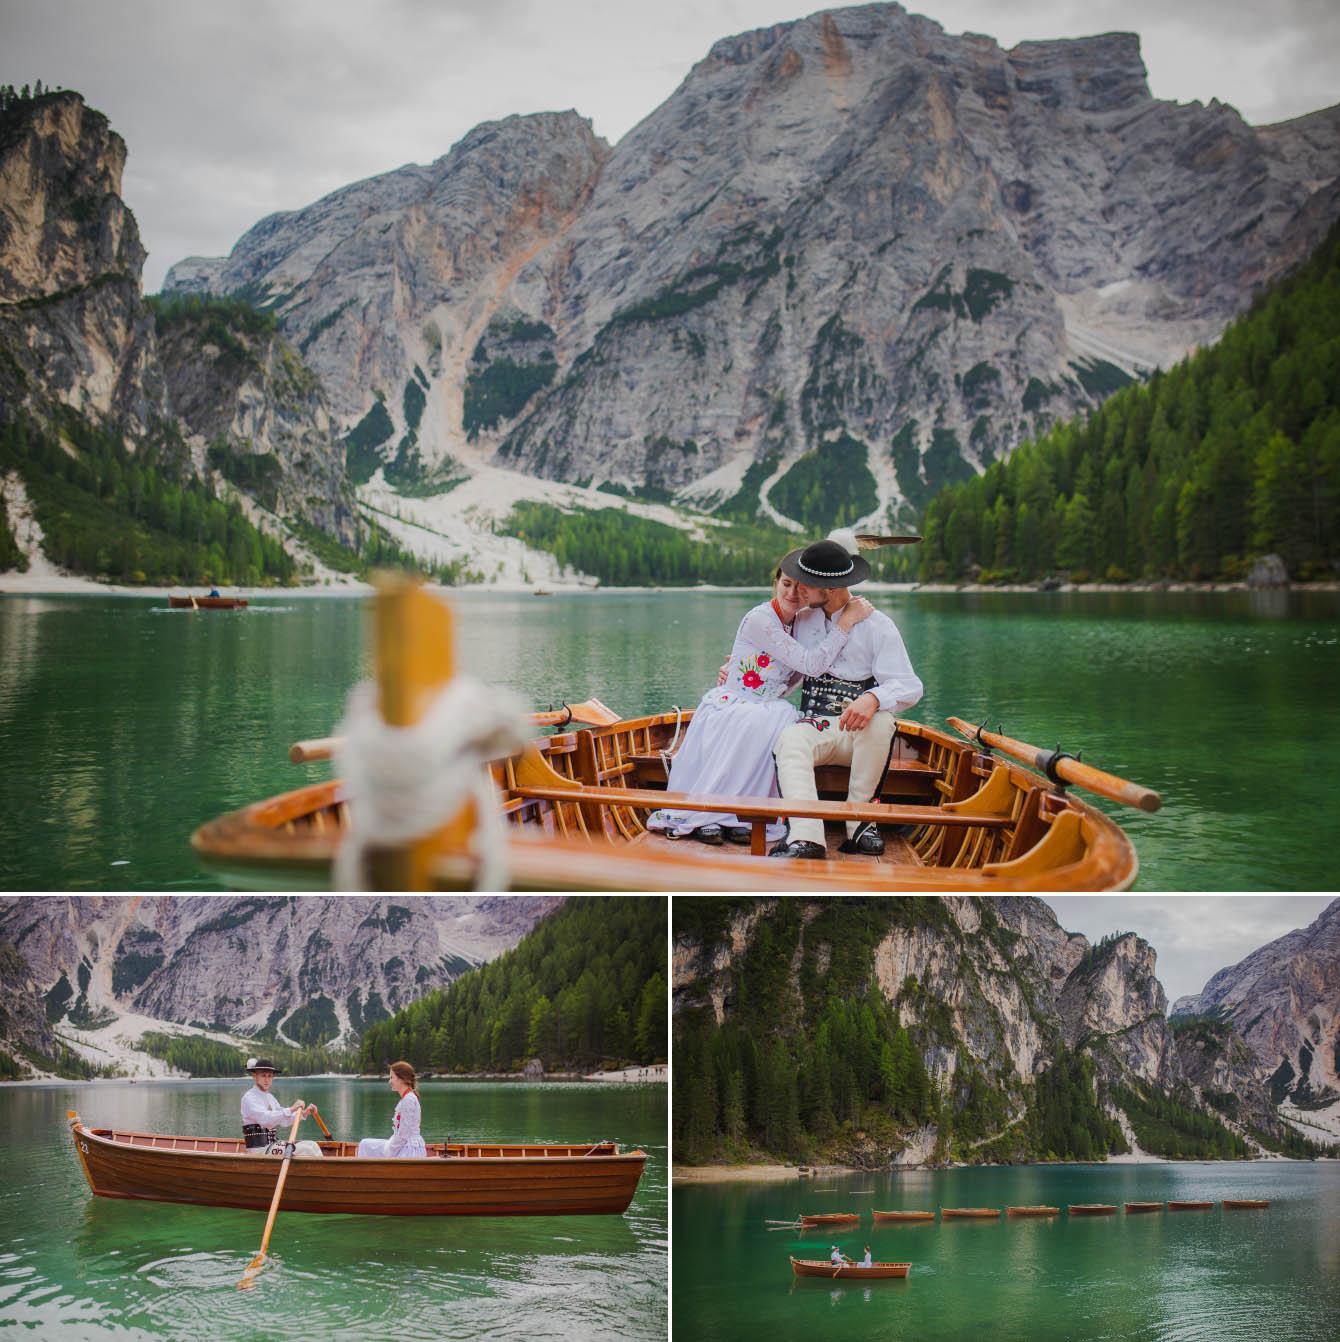 Zdjęcia ślubne Dolomity Cortina d'Ampezzo Łukasz i Kinga fotografie Bartek Wyrobek  6.jpg